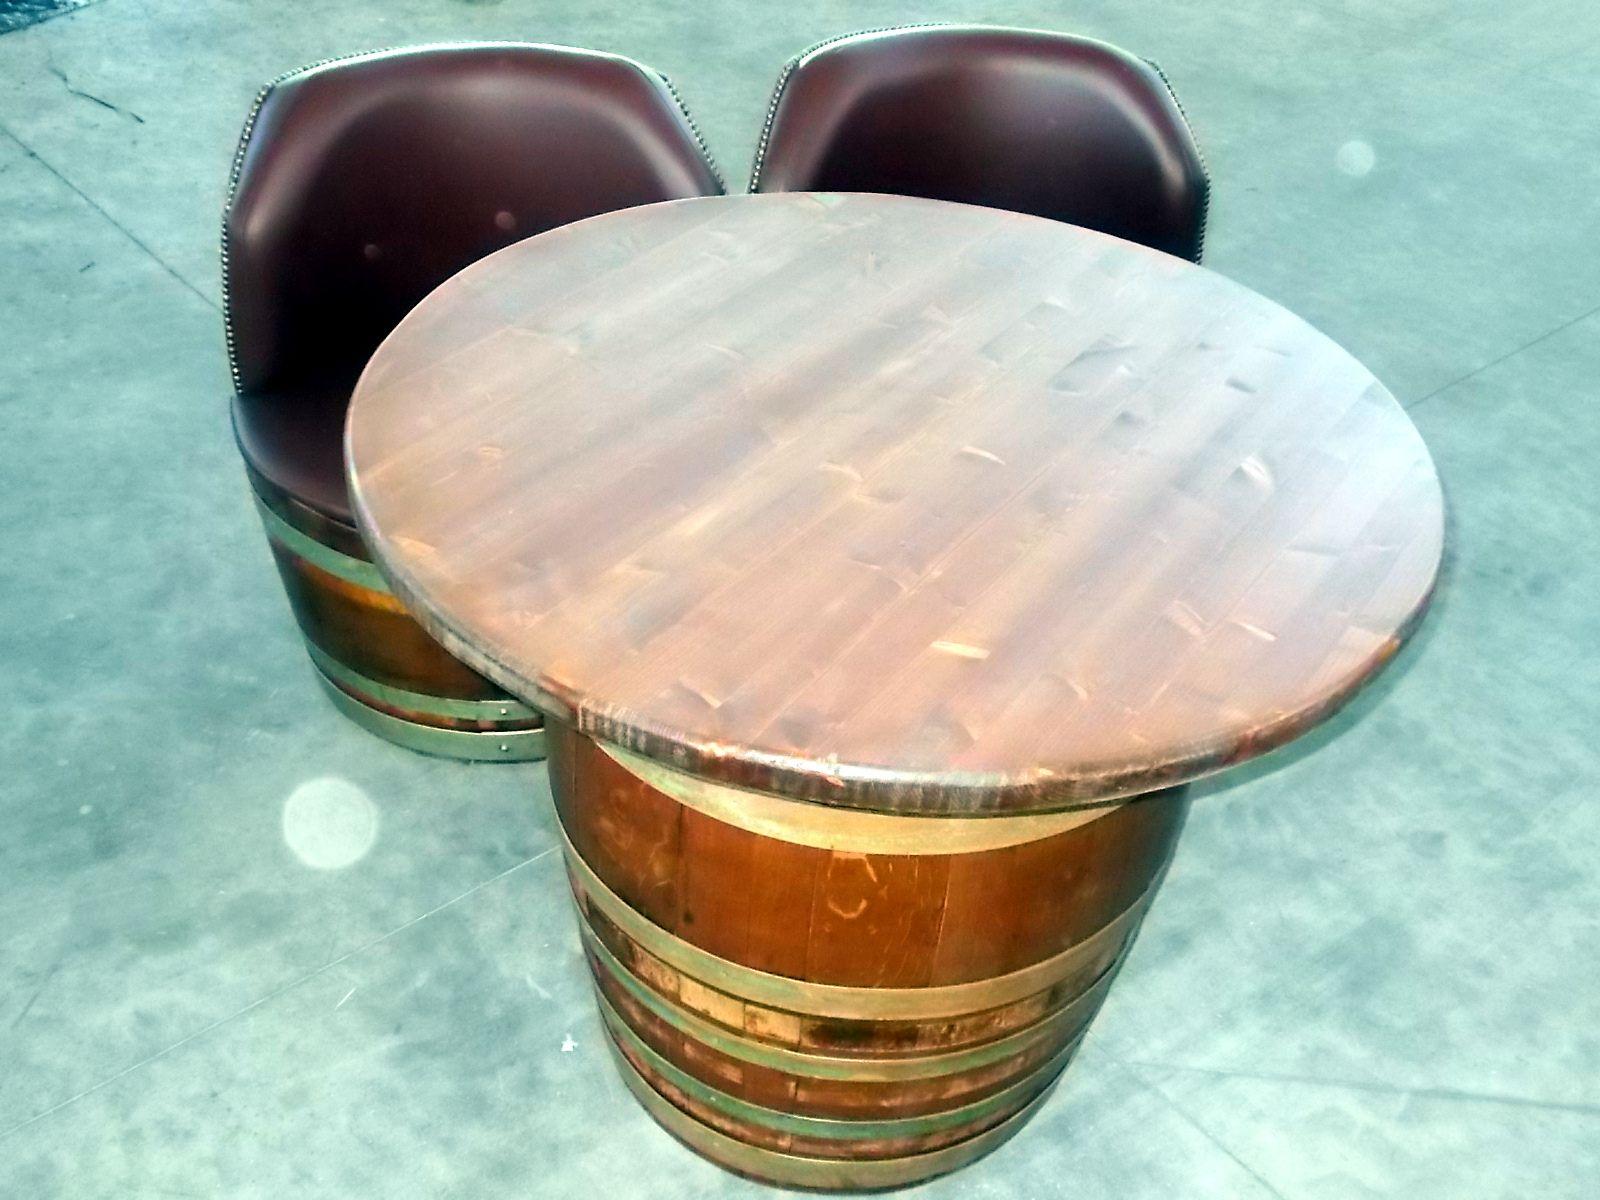 1755 - Divanetto da 2 barrique imbottite con seduta unica e tavolino coordinato - Briganti srl - Tel.0547 310171